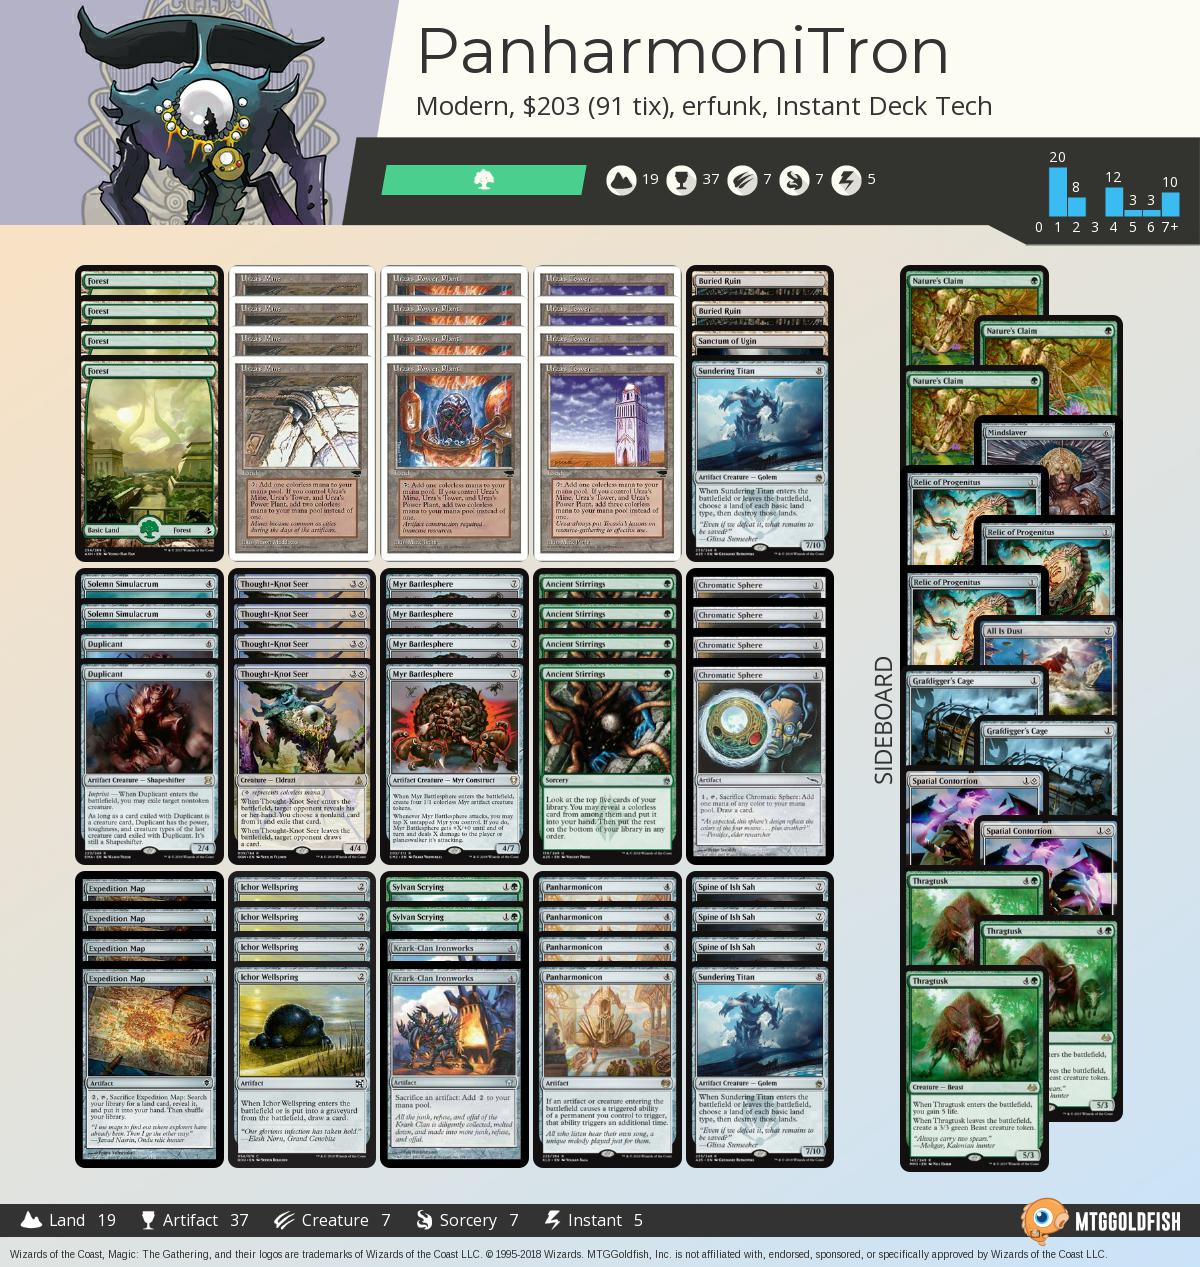 Panharmonitron fbe5bc0a a14b 4793 9641 92cd9faa296a%2ejpg